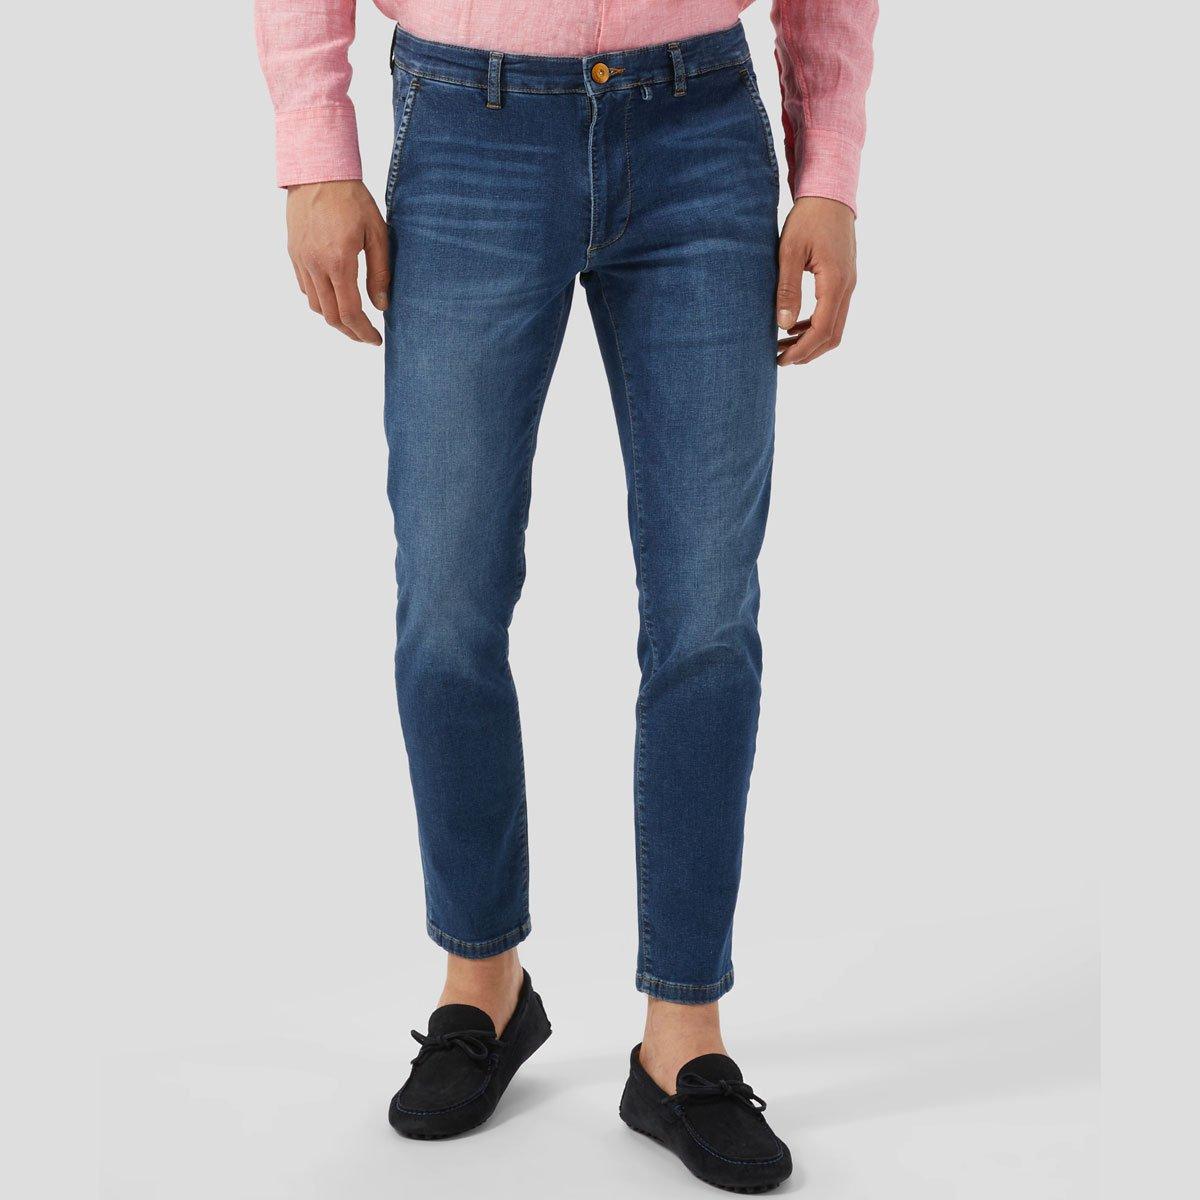 Men Blue Denim Jeans Fashion and Party Jeans Pant